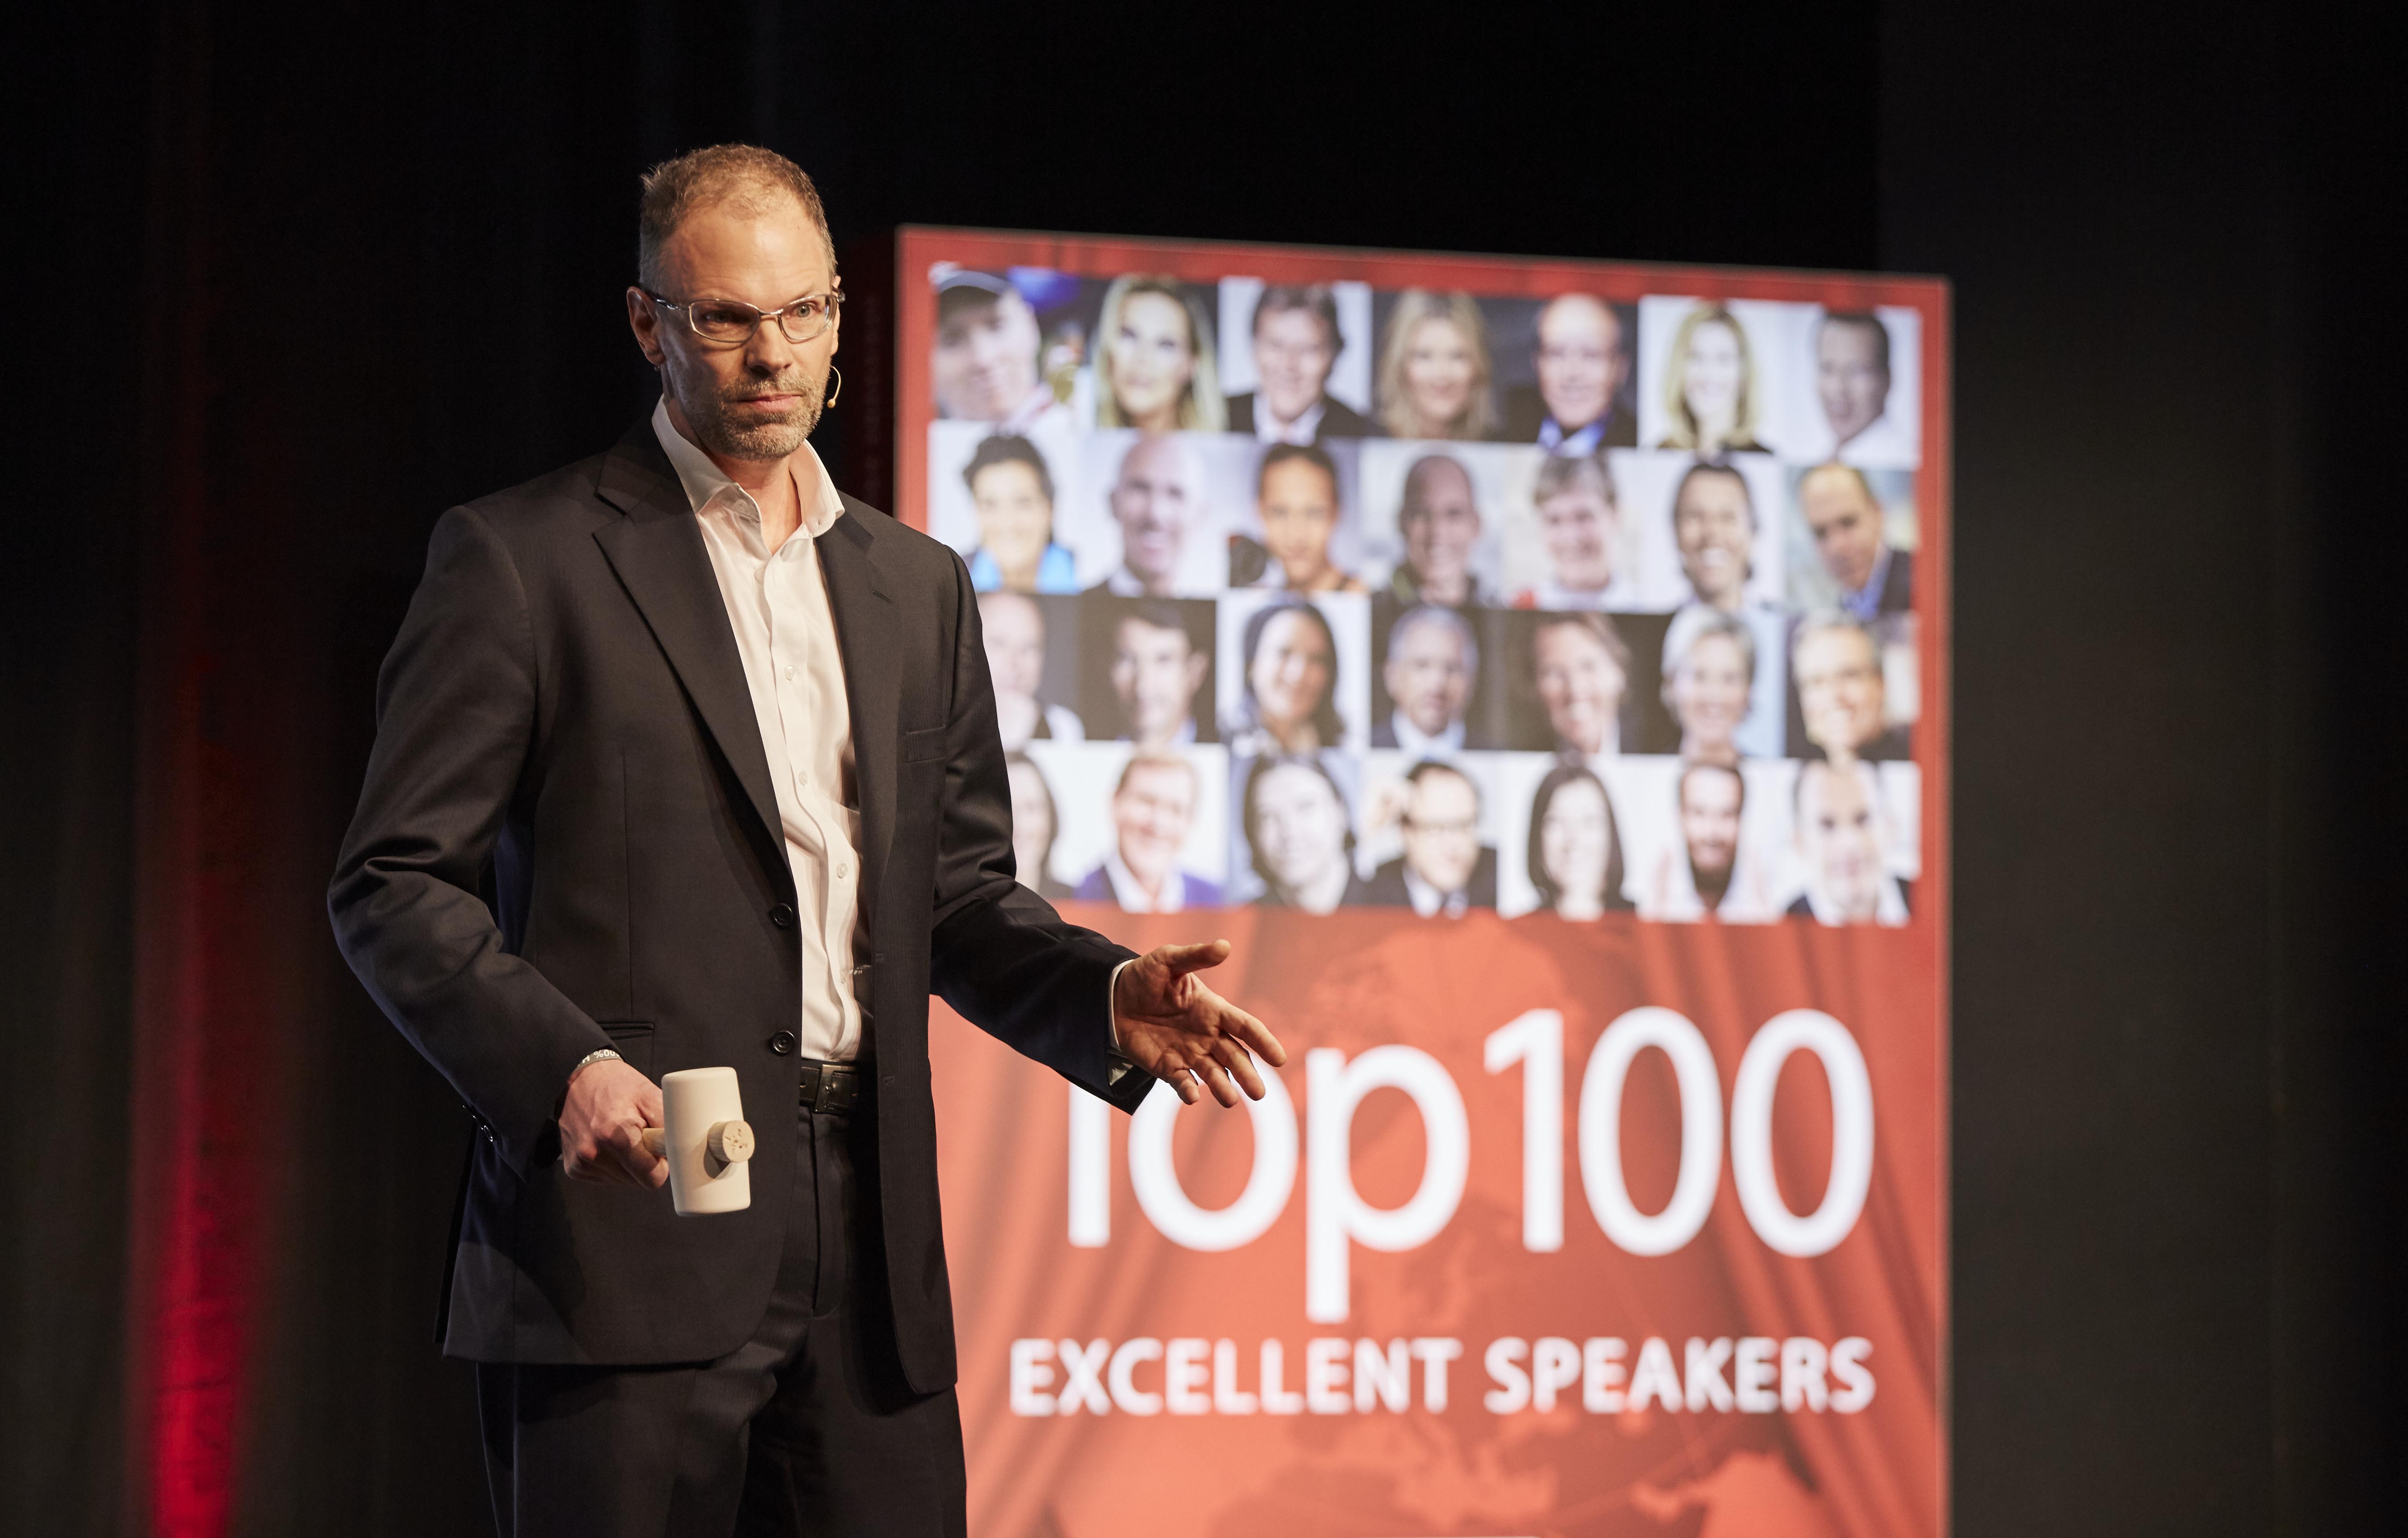 Expert Marketplace - Dr. Mark Weinert - Impressionen eins